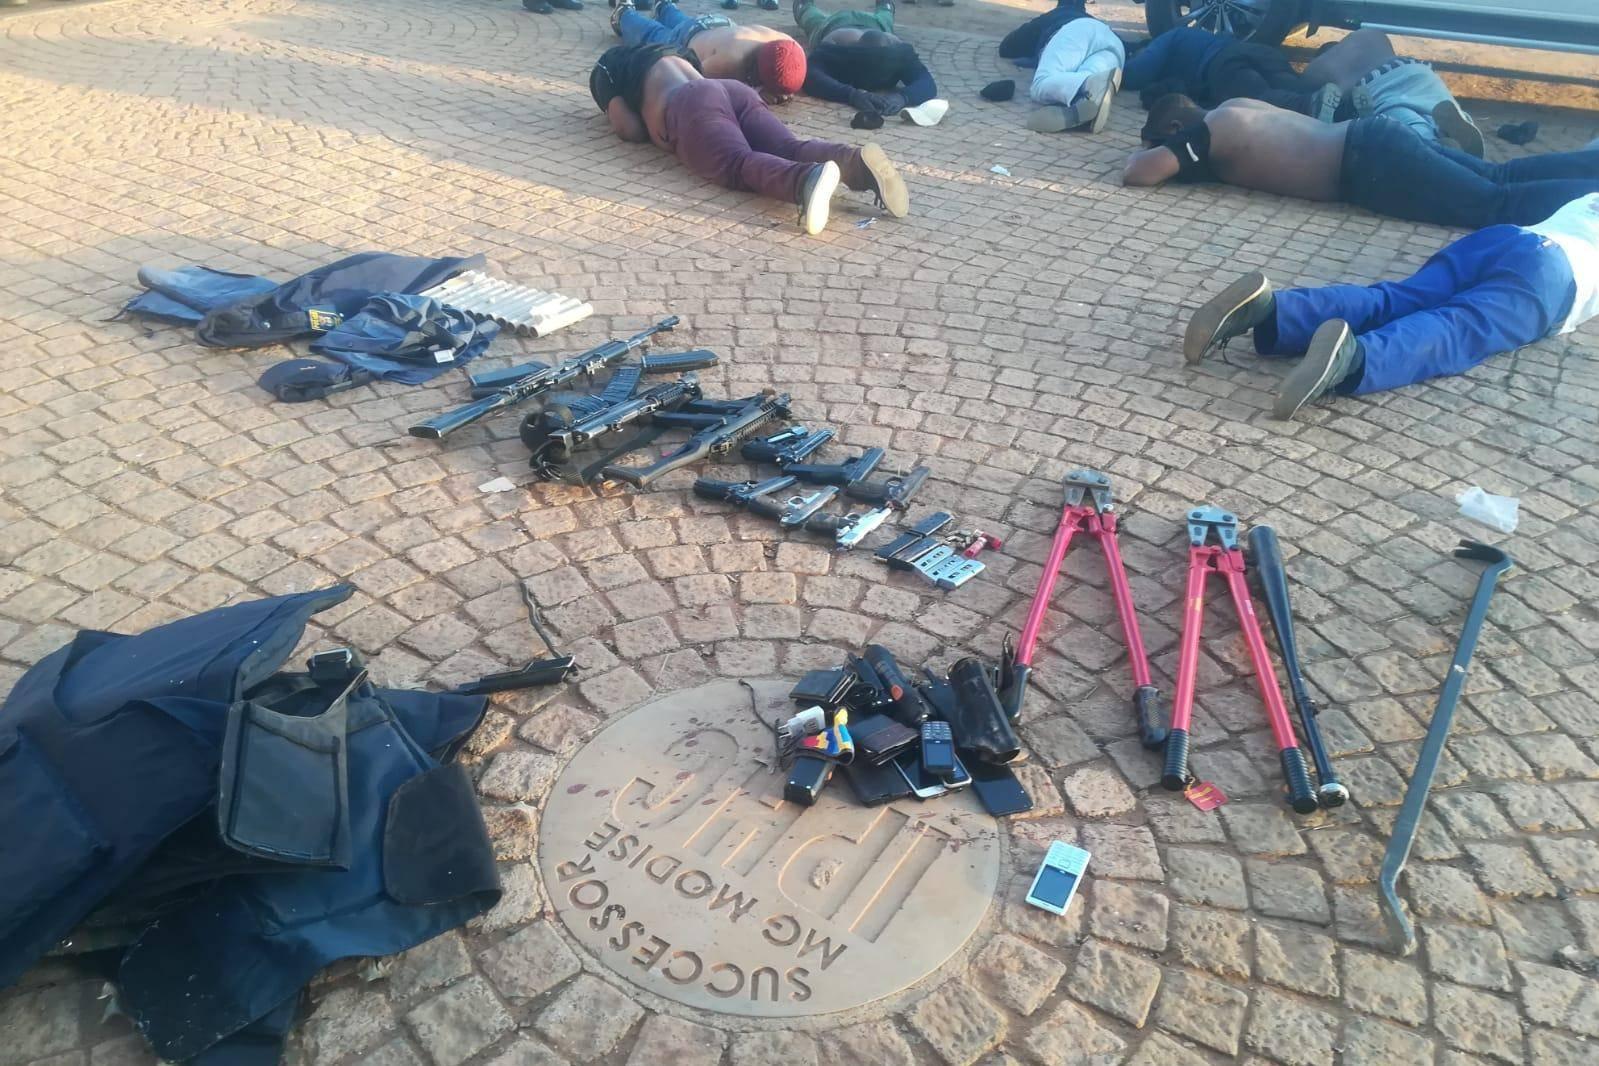 Пять человек убито при попытке захвата церкви в Йоханнесбурге